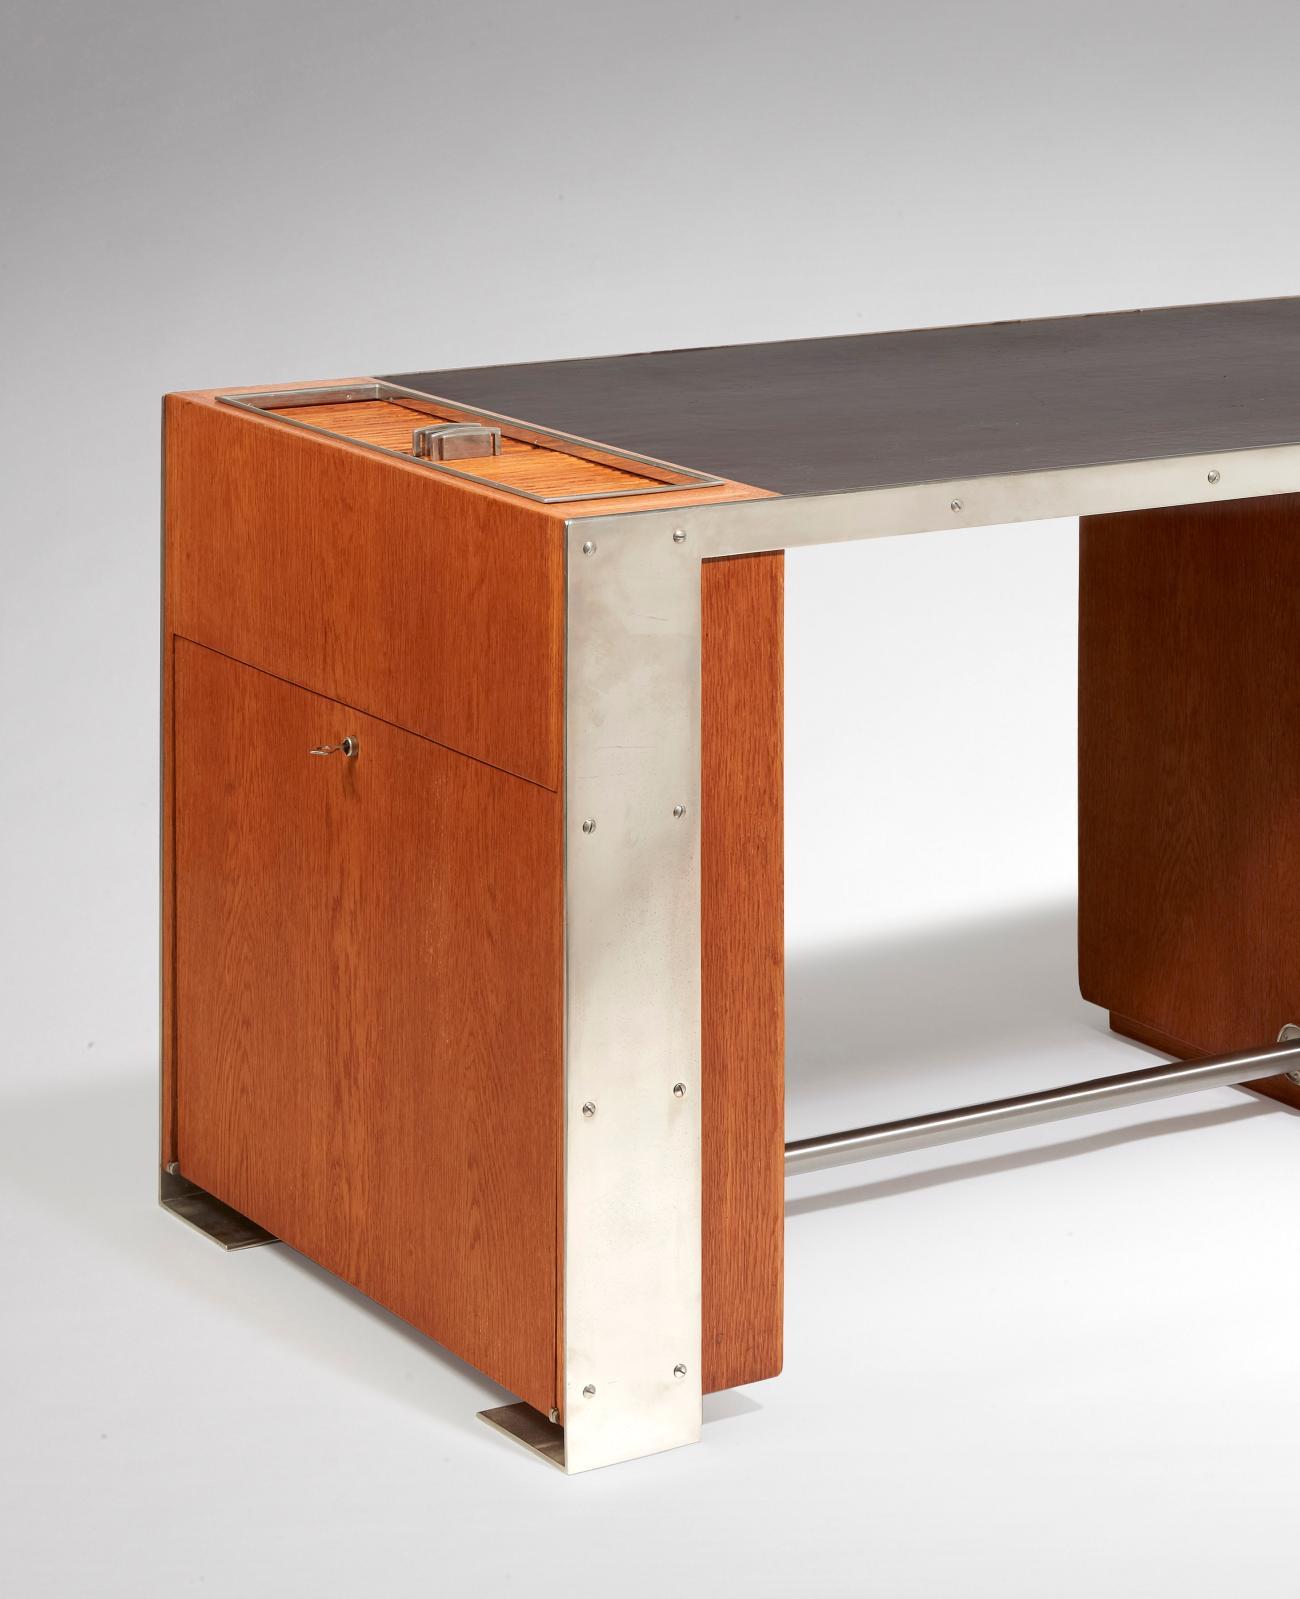 Paul Dupré-Lafon (1900-1971), bureau moderniste, vers1940, structure en placage de chêne et métal nickelé, plateau rectangulaire en suspension recouv